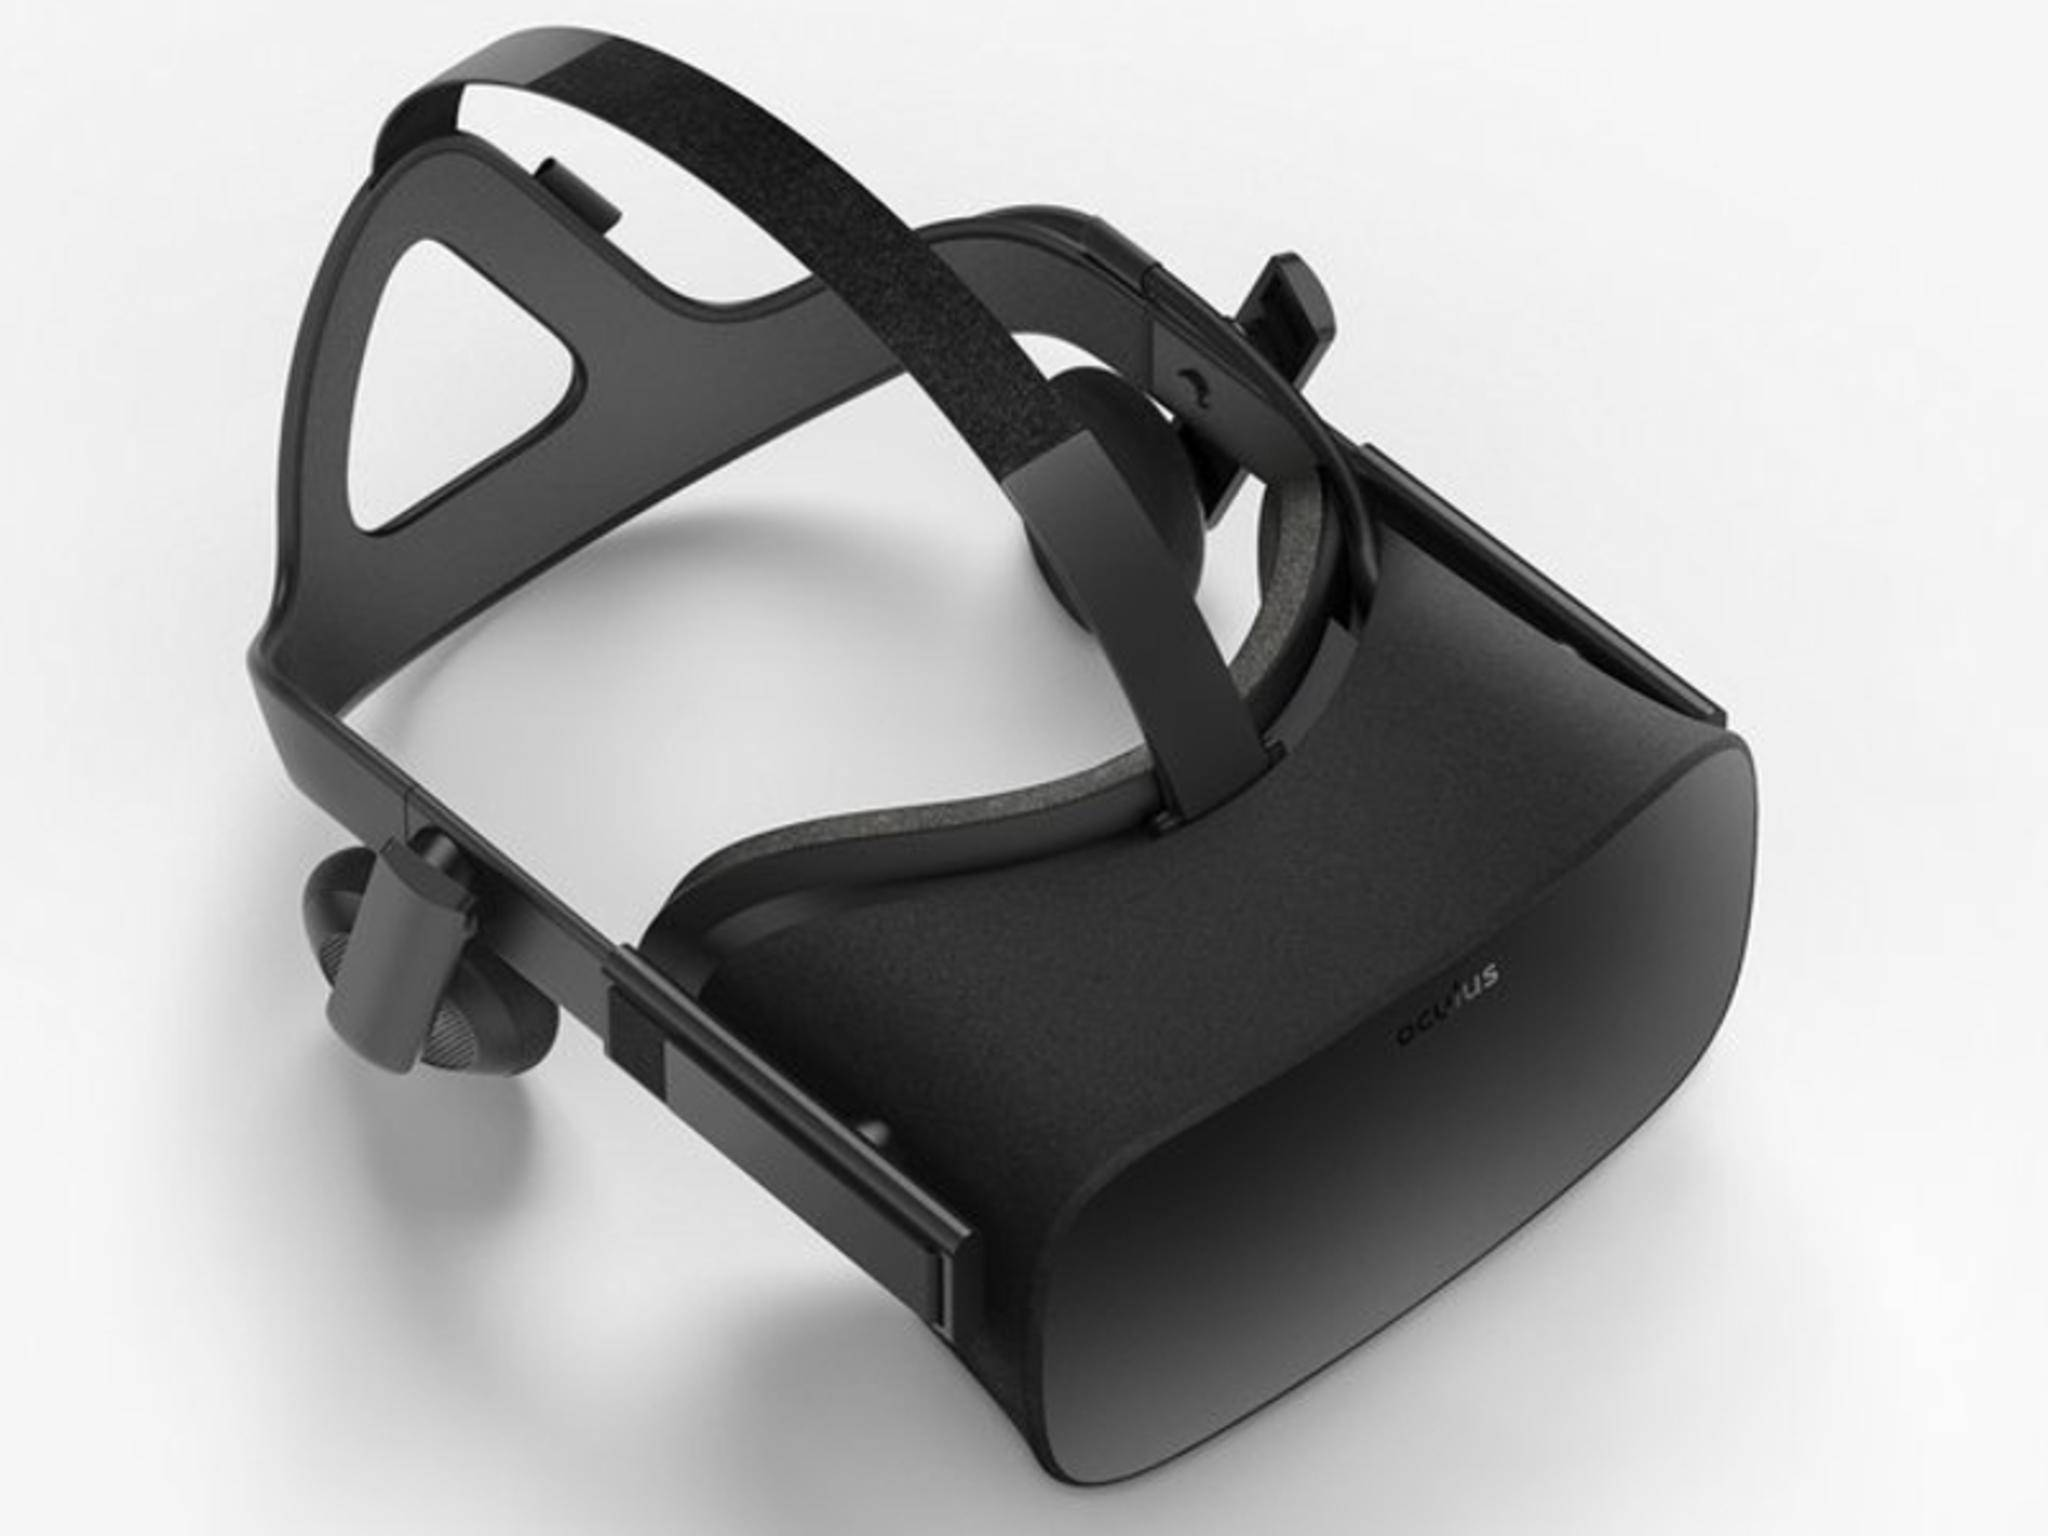 So sieht die finale Oculus Rift aus.